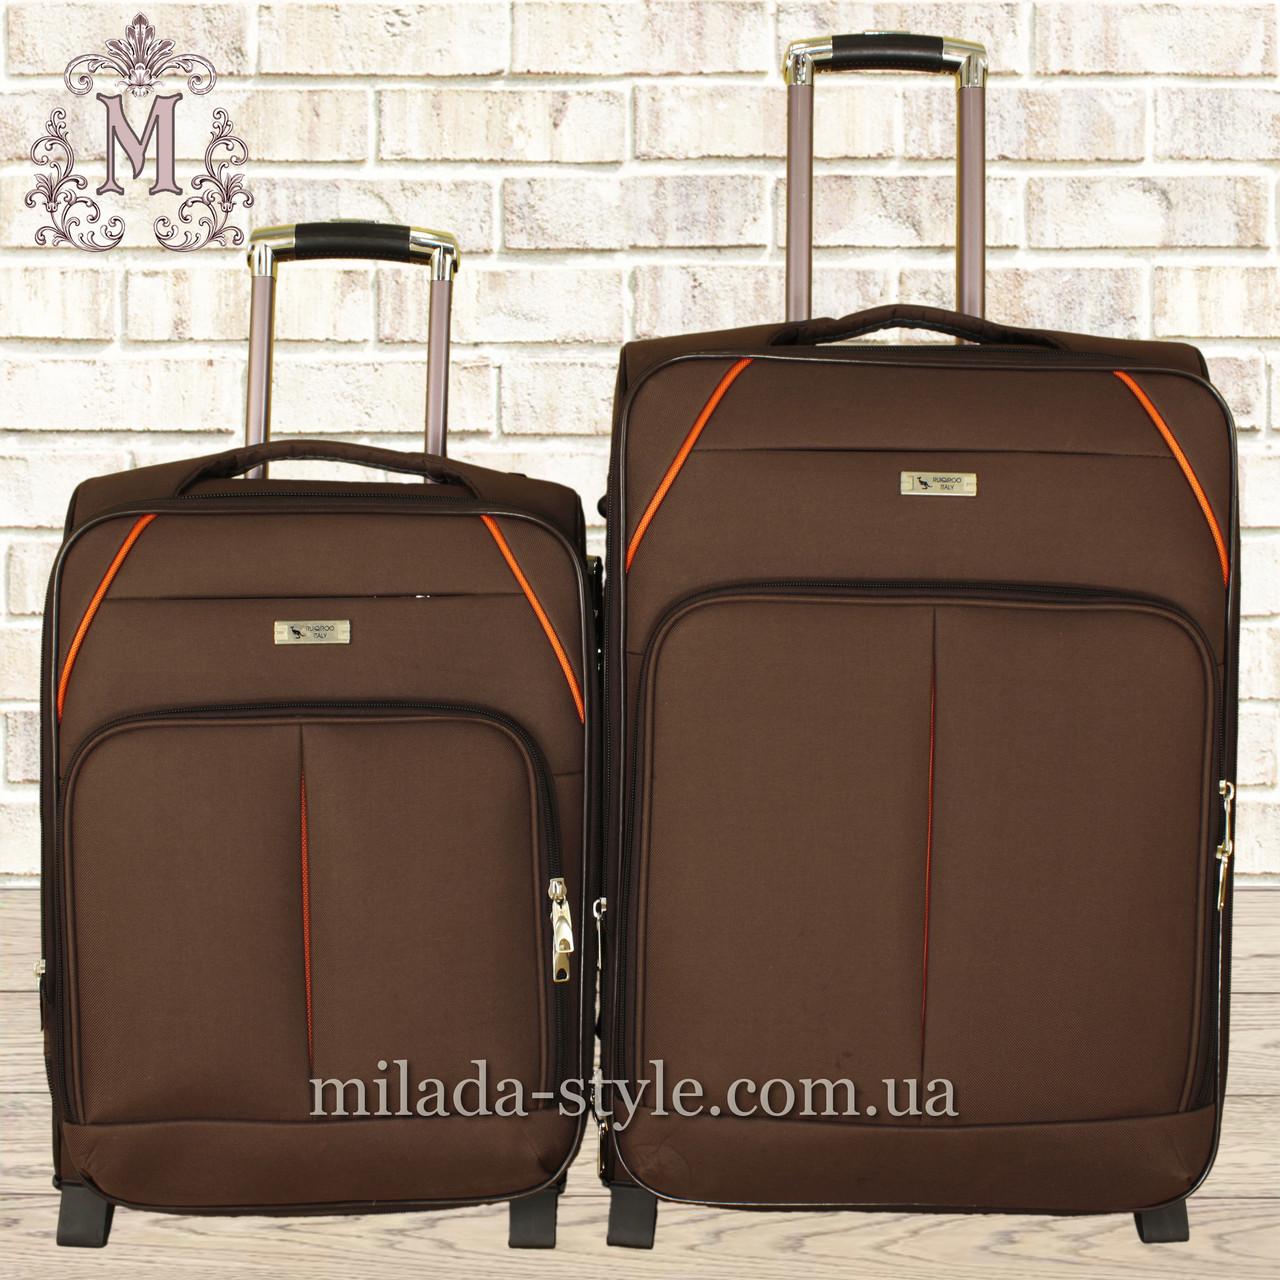 Комплект чемоданов 3 колеса 2в1 (коричневый)